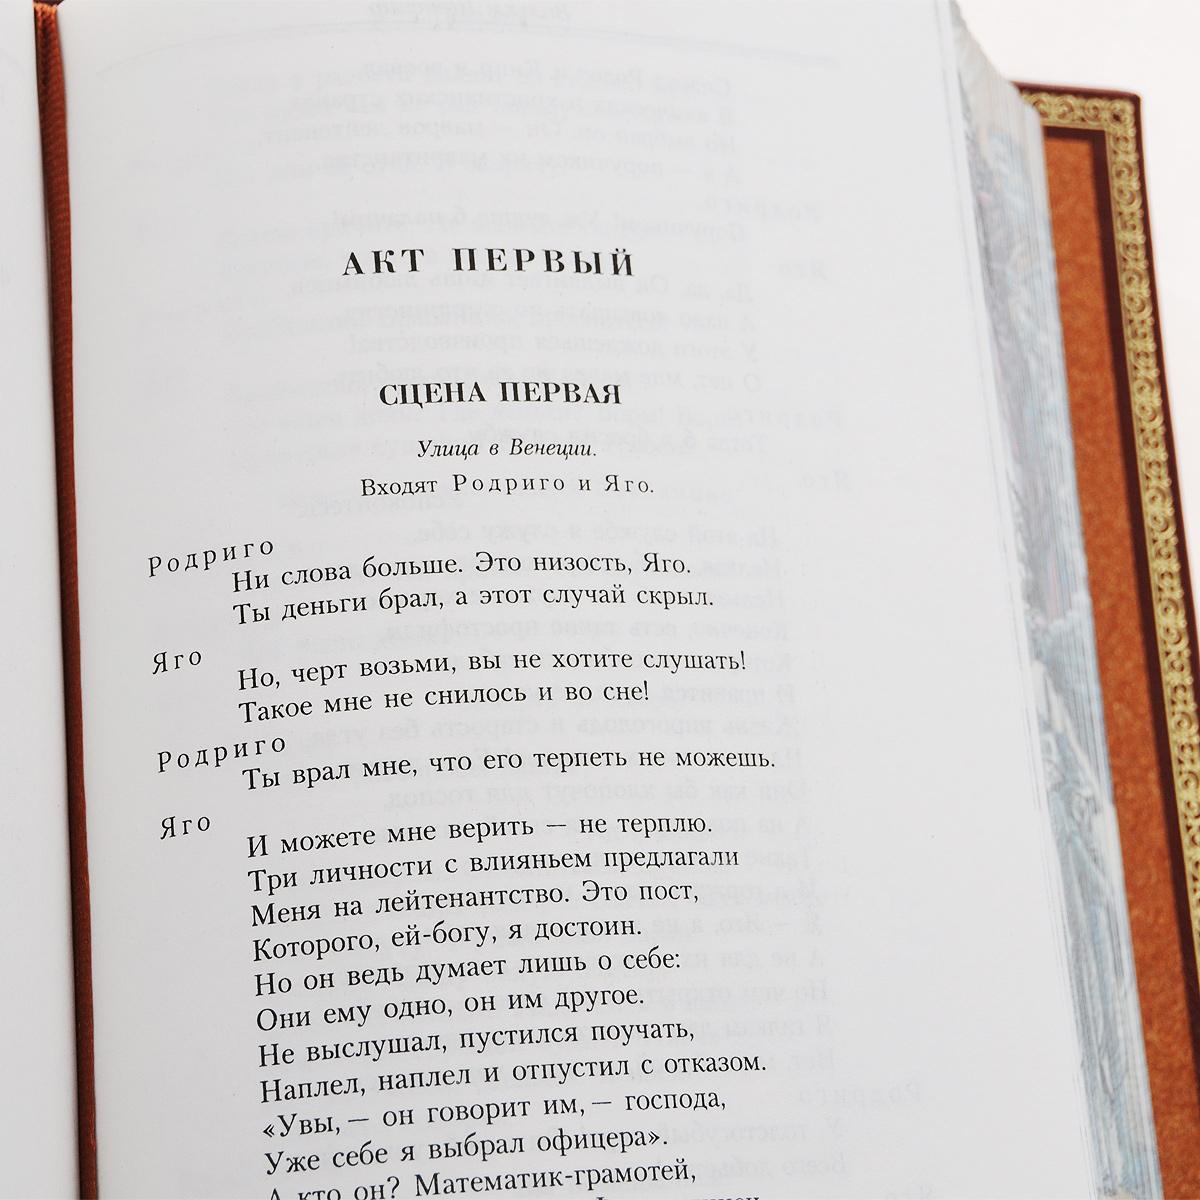 Вильям Шекспир. Малое собрание сочинений (подарочное издание)